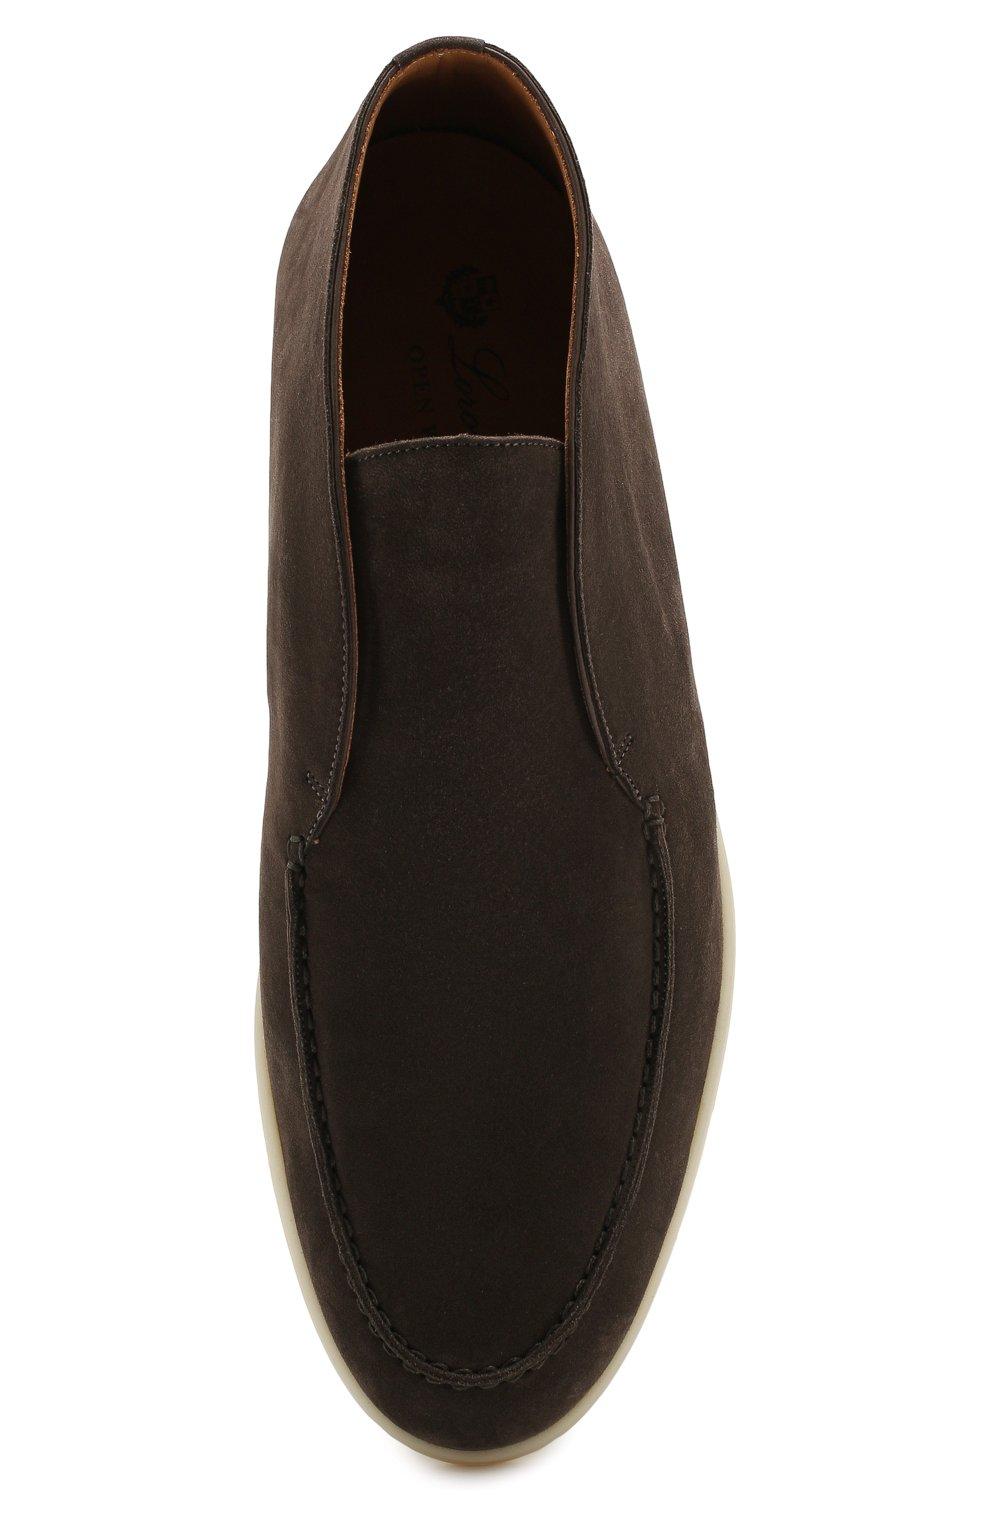 Мужские замшевые ботинки open walk LORO PIANA коричневого цвета, арт. FAB4368   Фото 5 (Мужское Кросс-КТ: Ботинки-обувь; Материал внутренний: Натуральная кожа; Подошва: Плоская; Материал внешний: Замша)